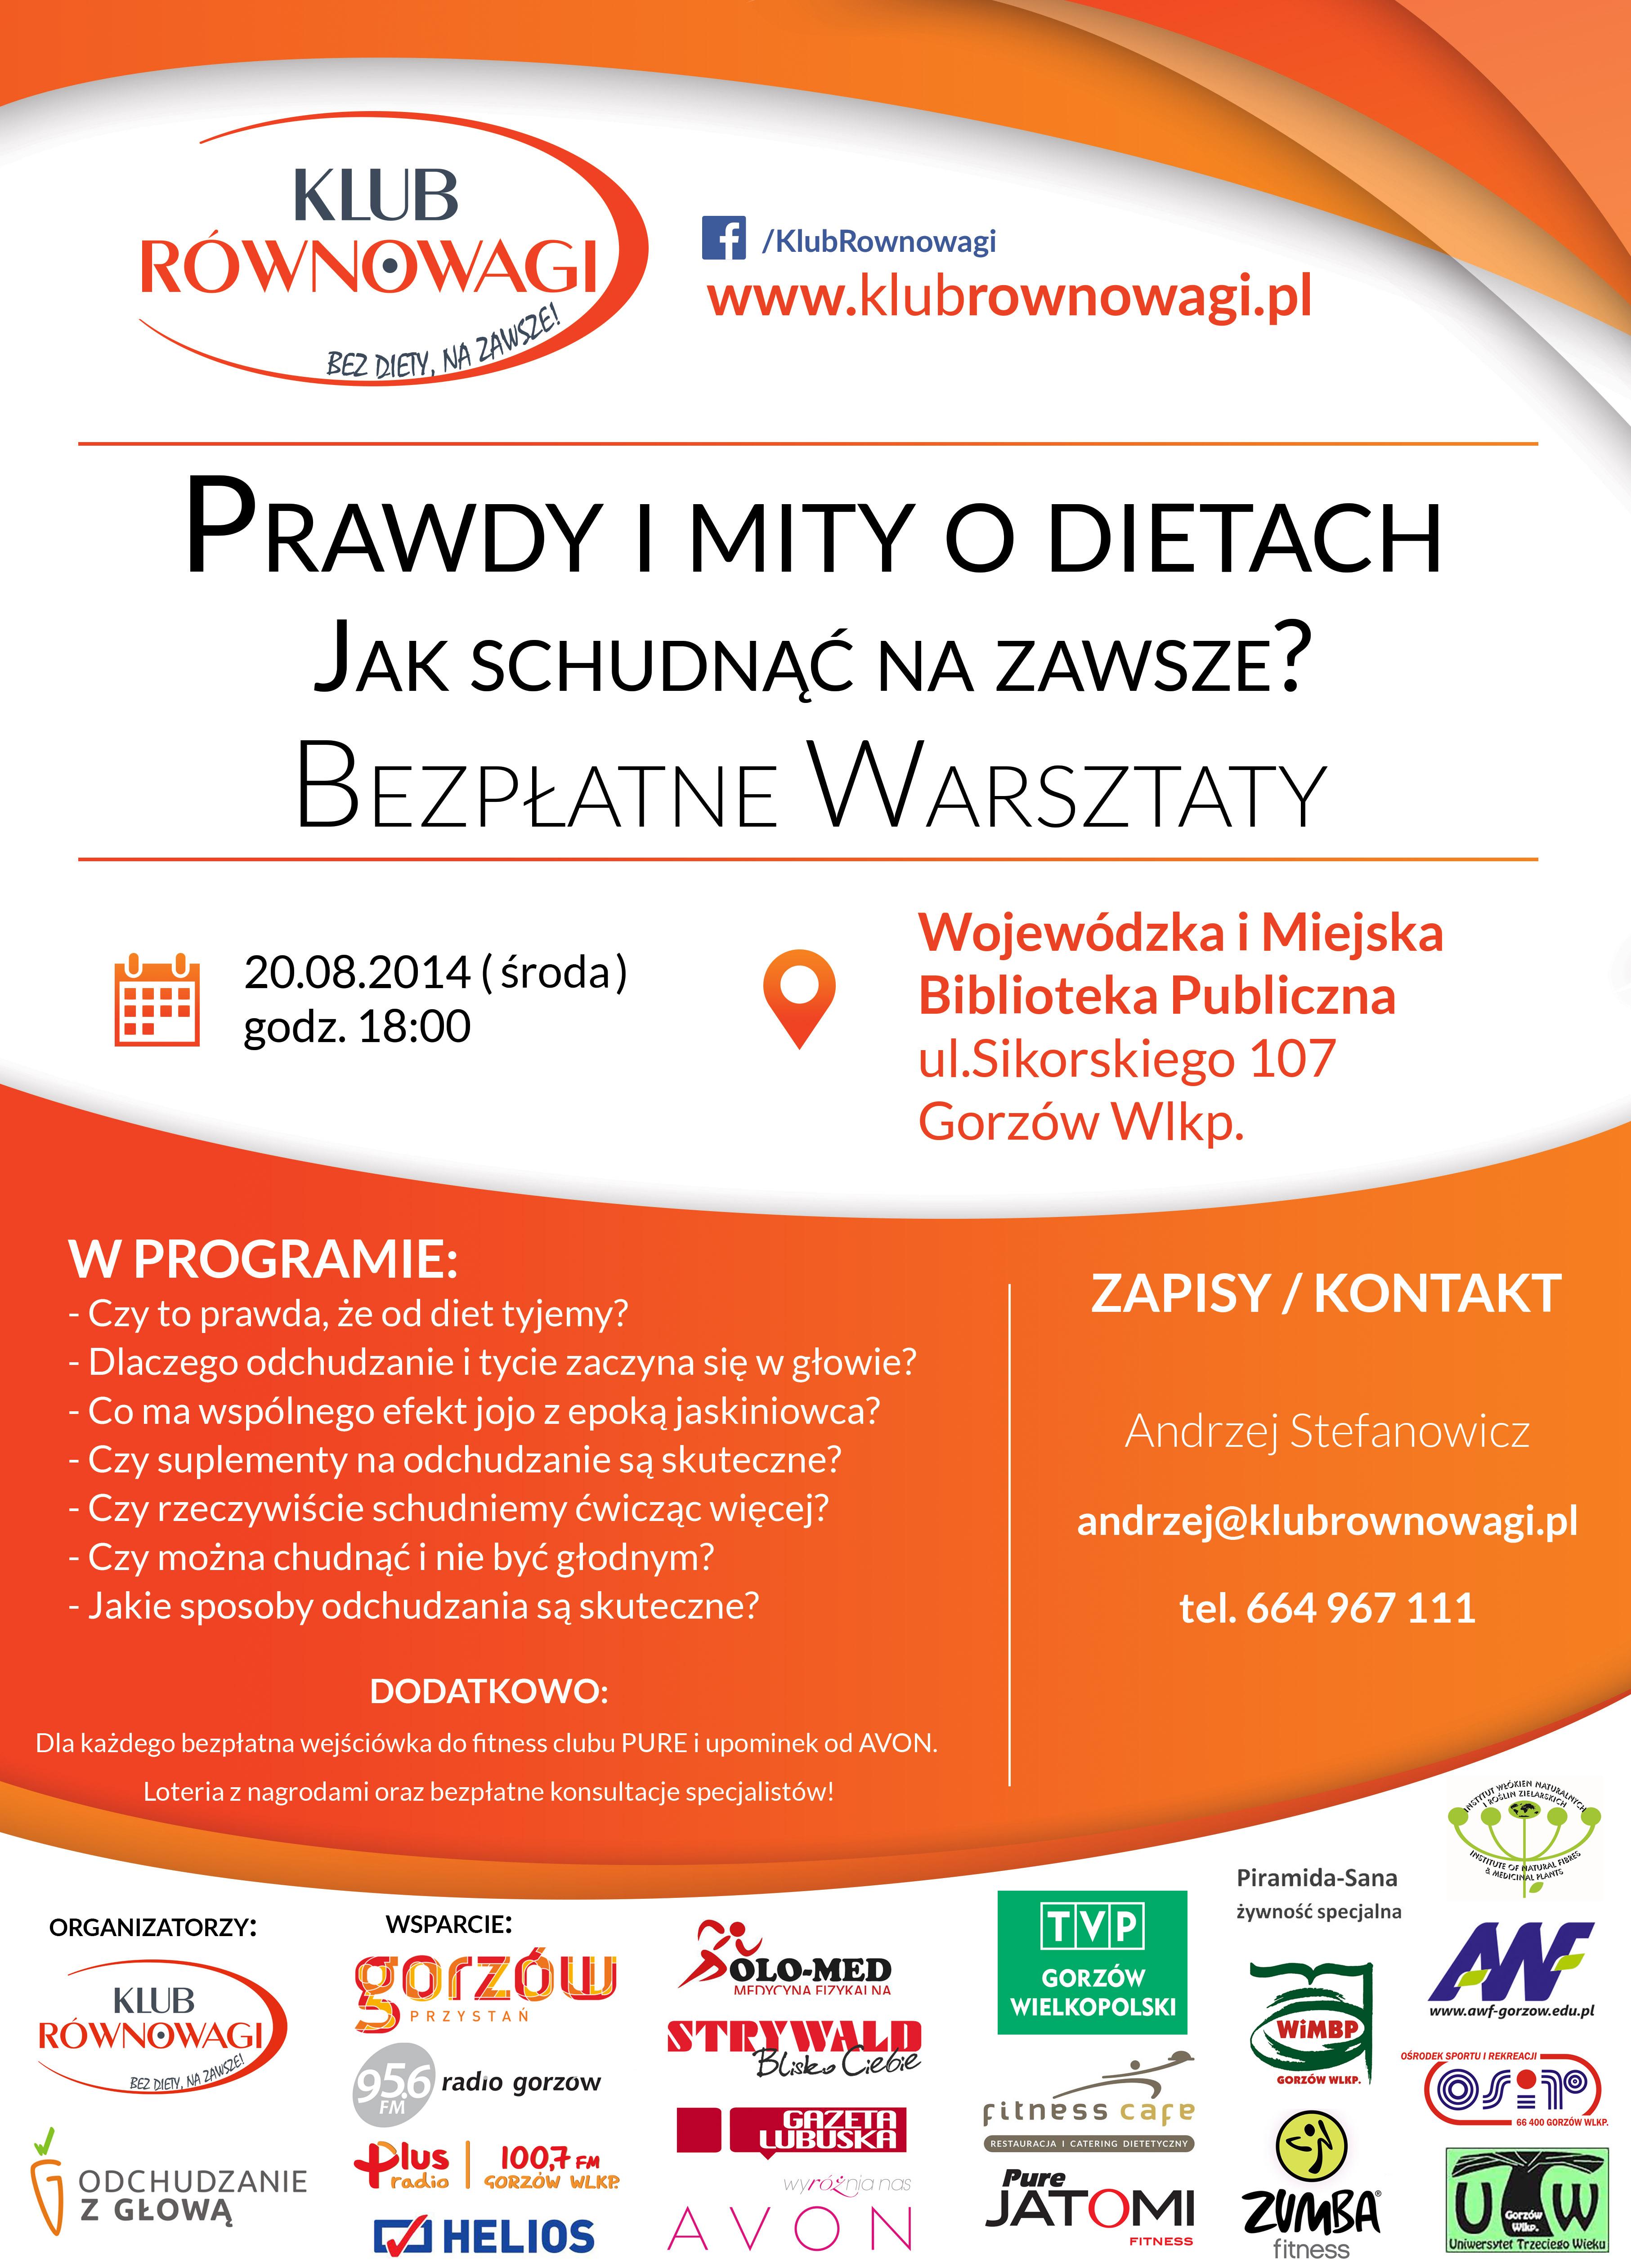 Gorzów Wielkopolski Klub Równowagi